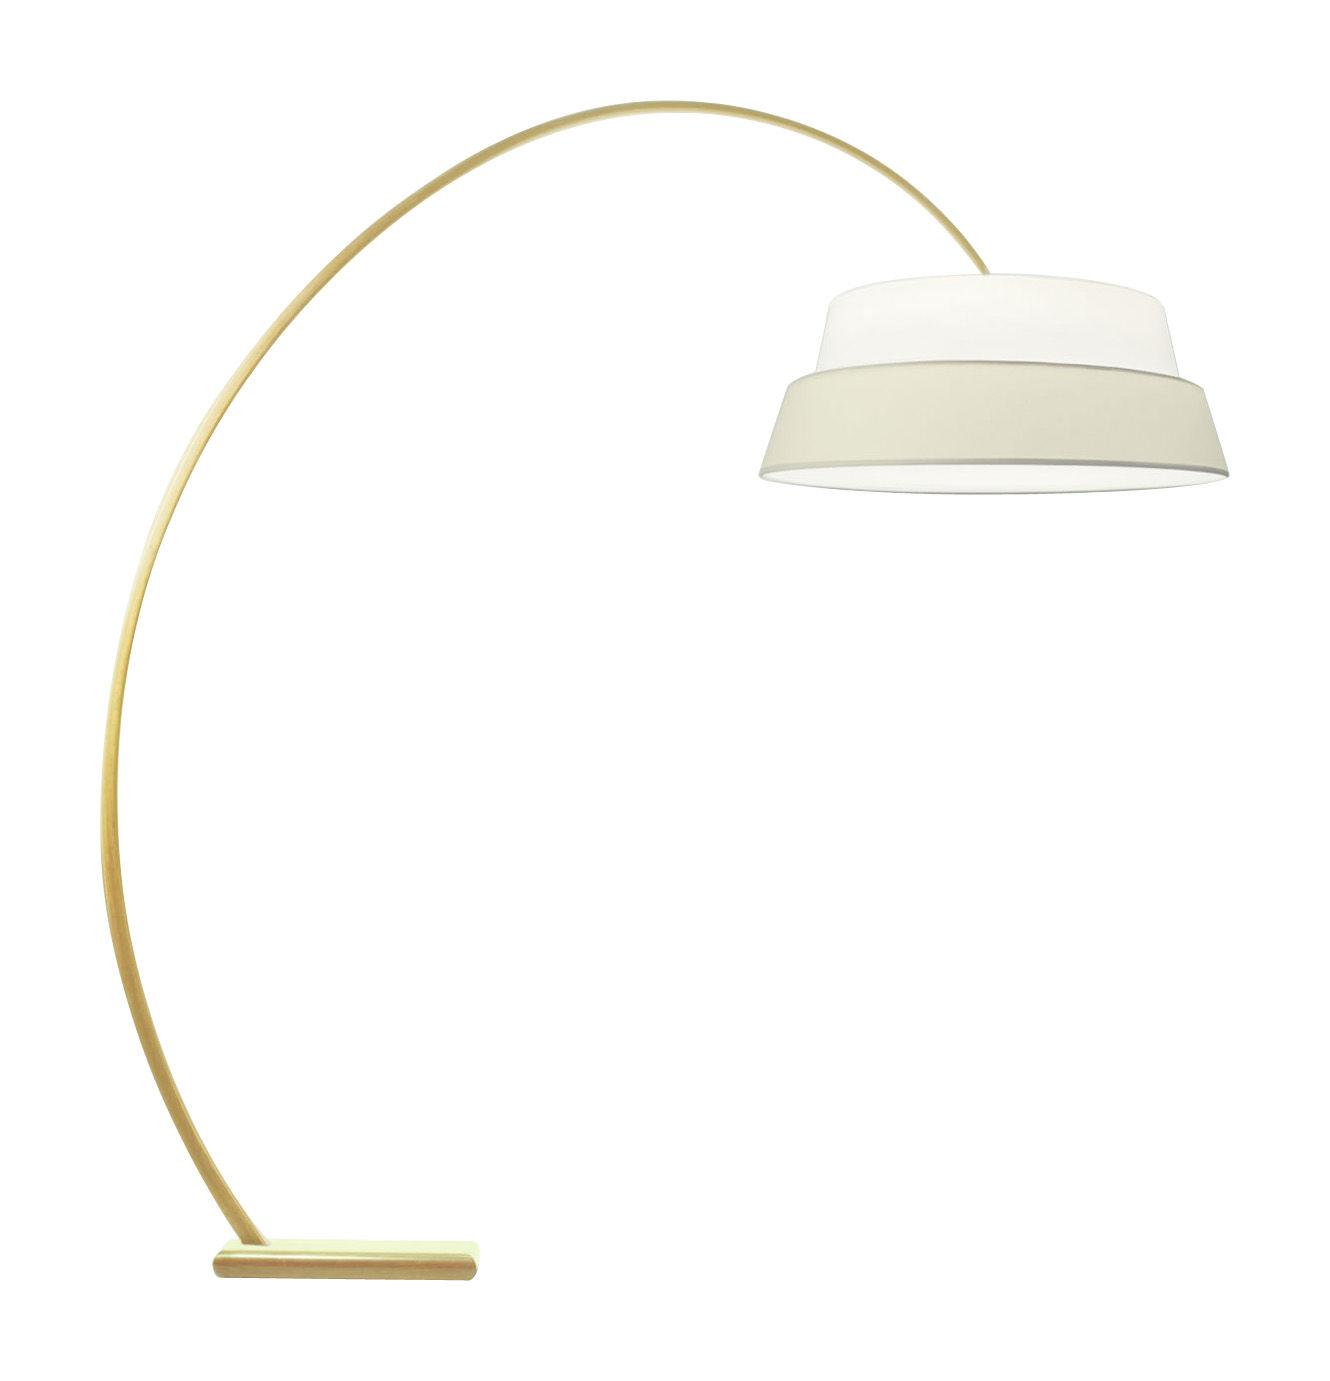 Leuchten - Stehleuchten - Nuala Stehleuchte - Objekto - Lampenfuß aus Esche mit Naturlack - Lampenschirm weiß/natur - Esche, Gewebe